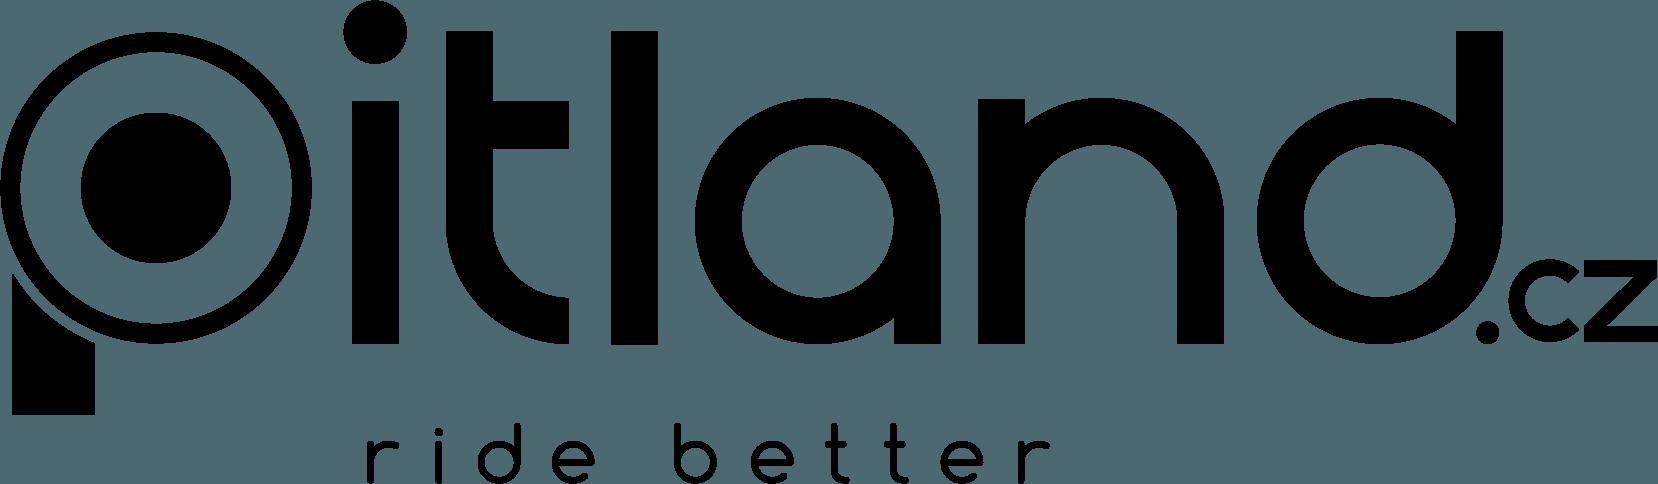 PITLAND_logo_BLCKONWHT